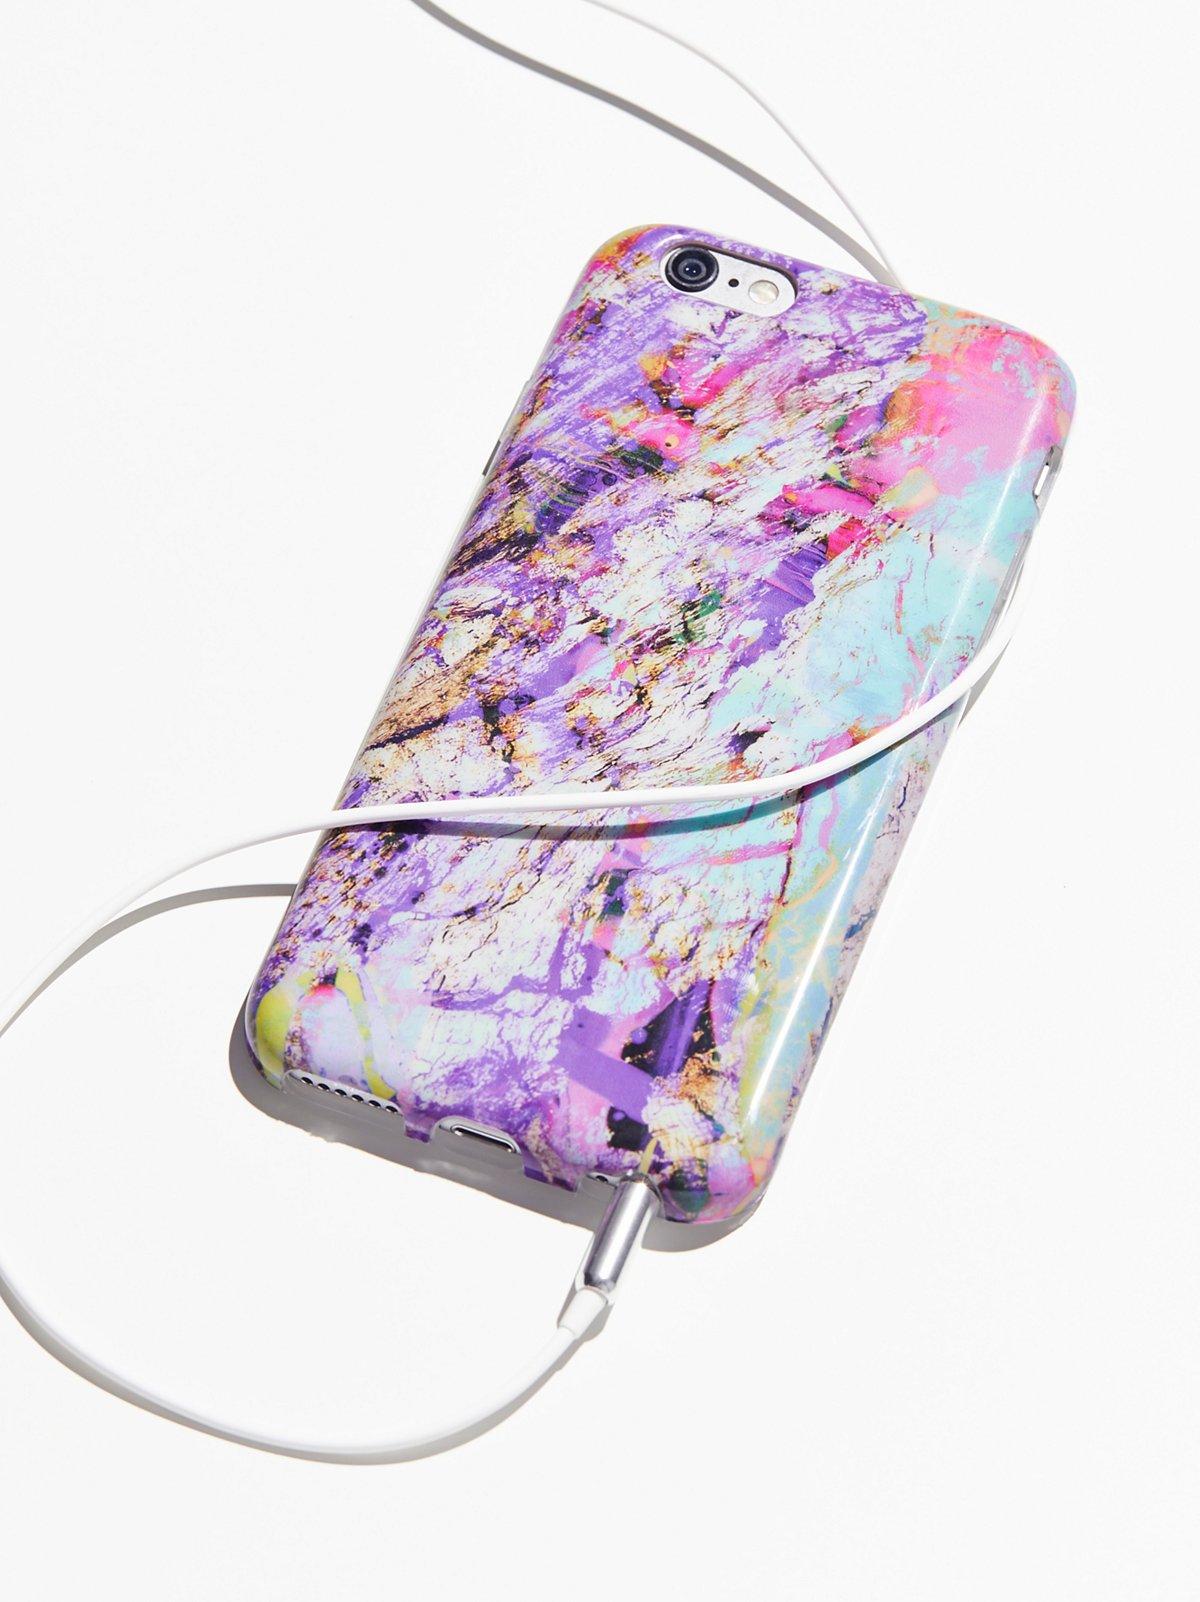 银河状大理石纹iPhone保护壳